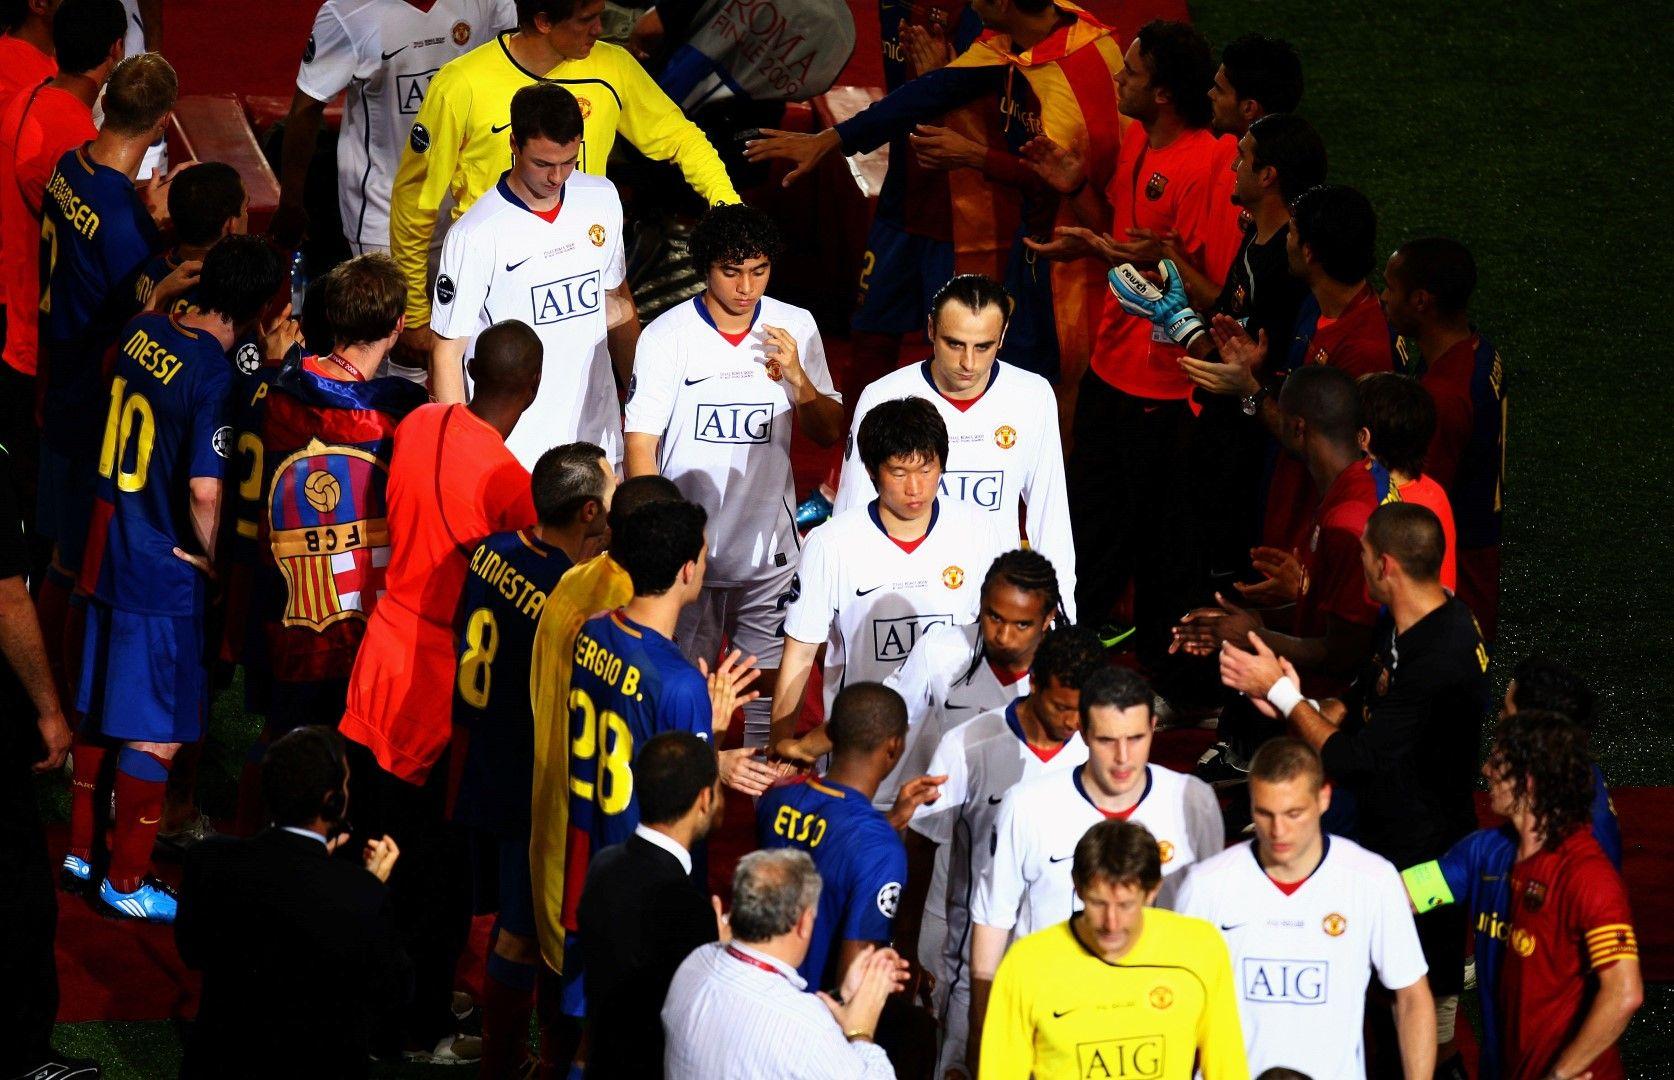 2009 г., Финал в Шампионската лига. Бербатов е разочарован след финала в Рим, където бе резерва